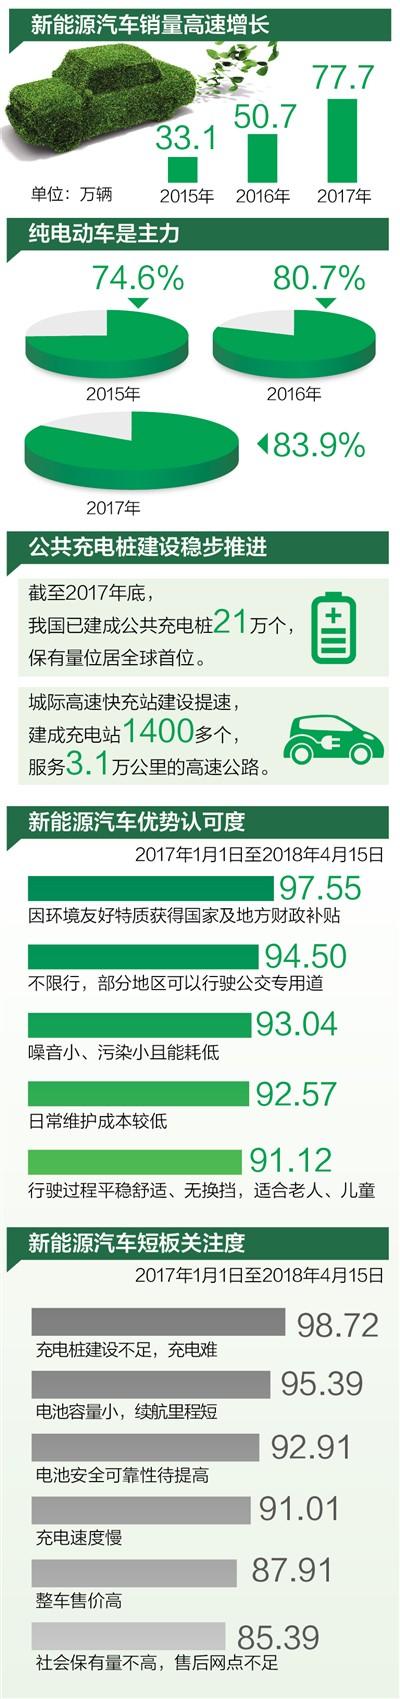 中国新能源汽车销量连续三年全球第一 个人消费占近75%